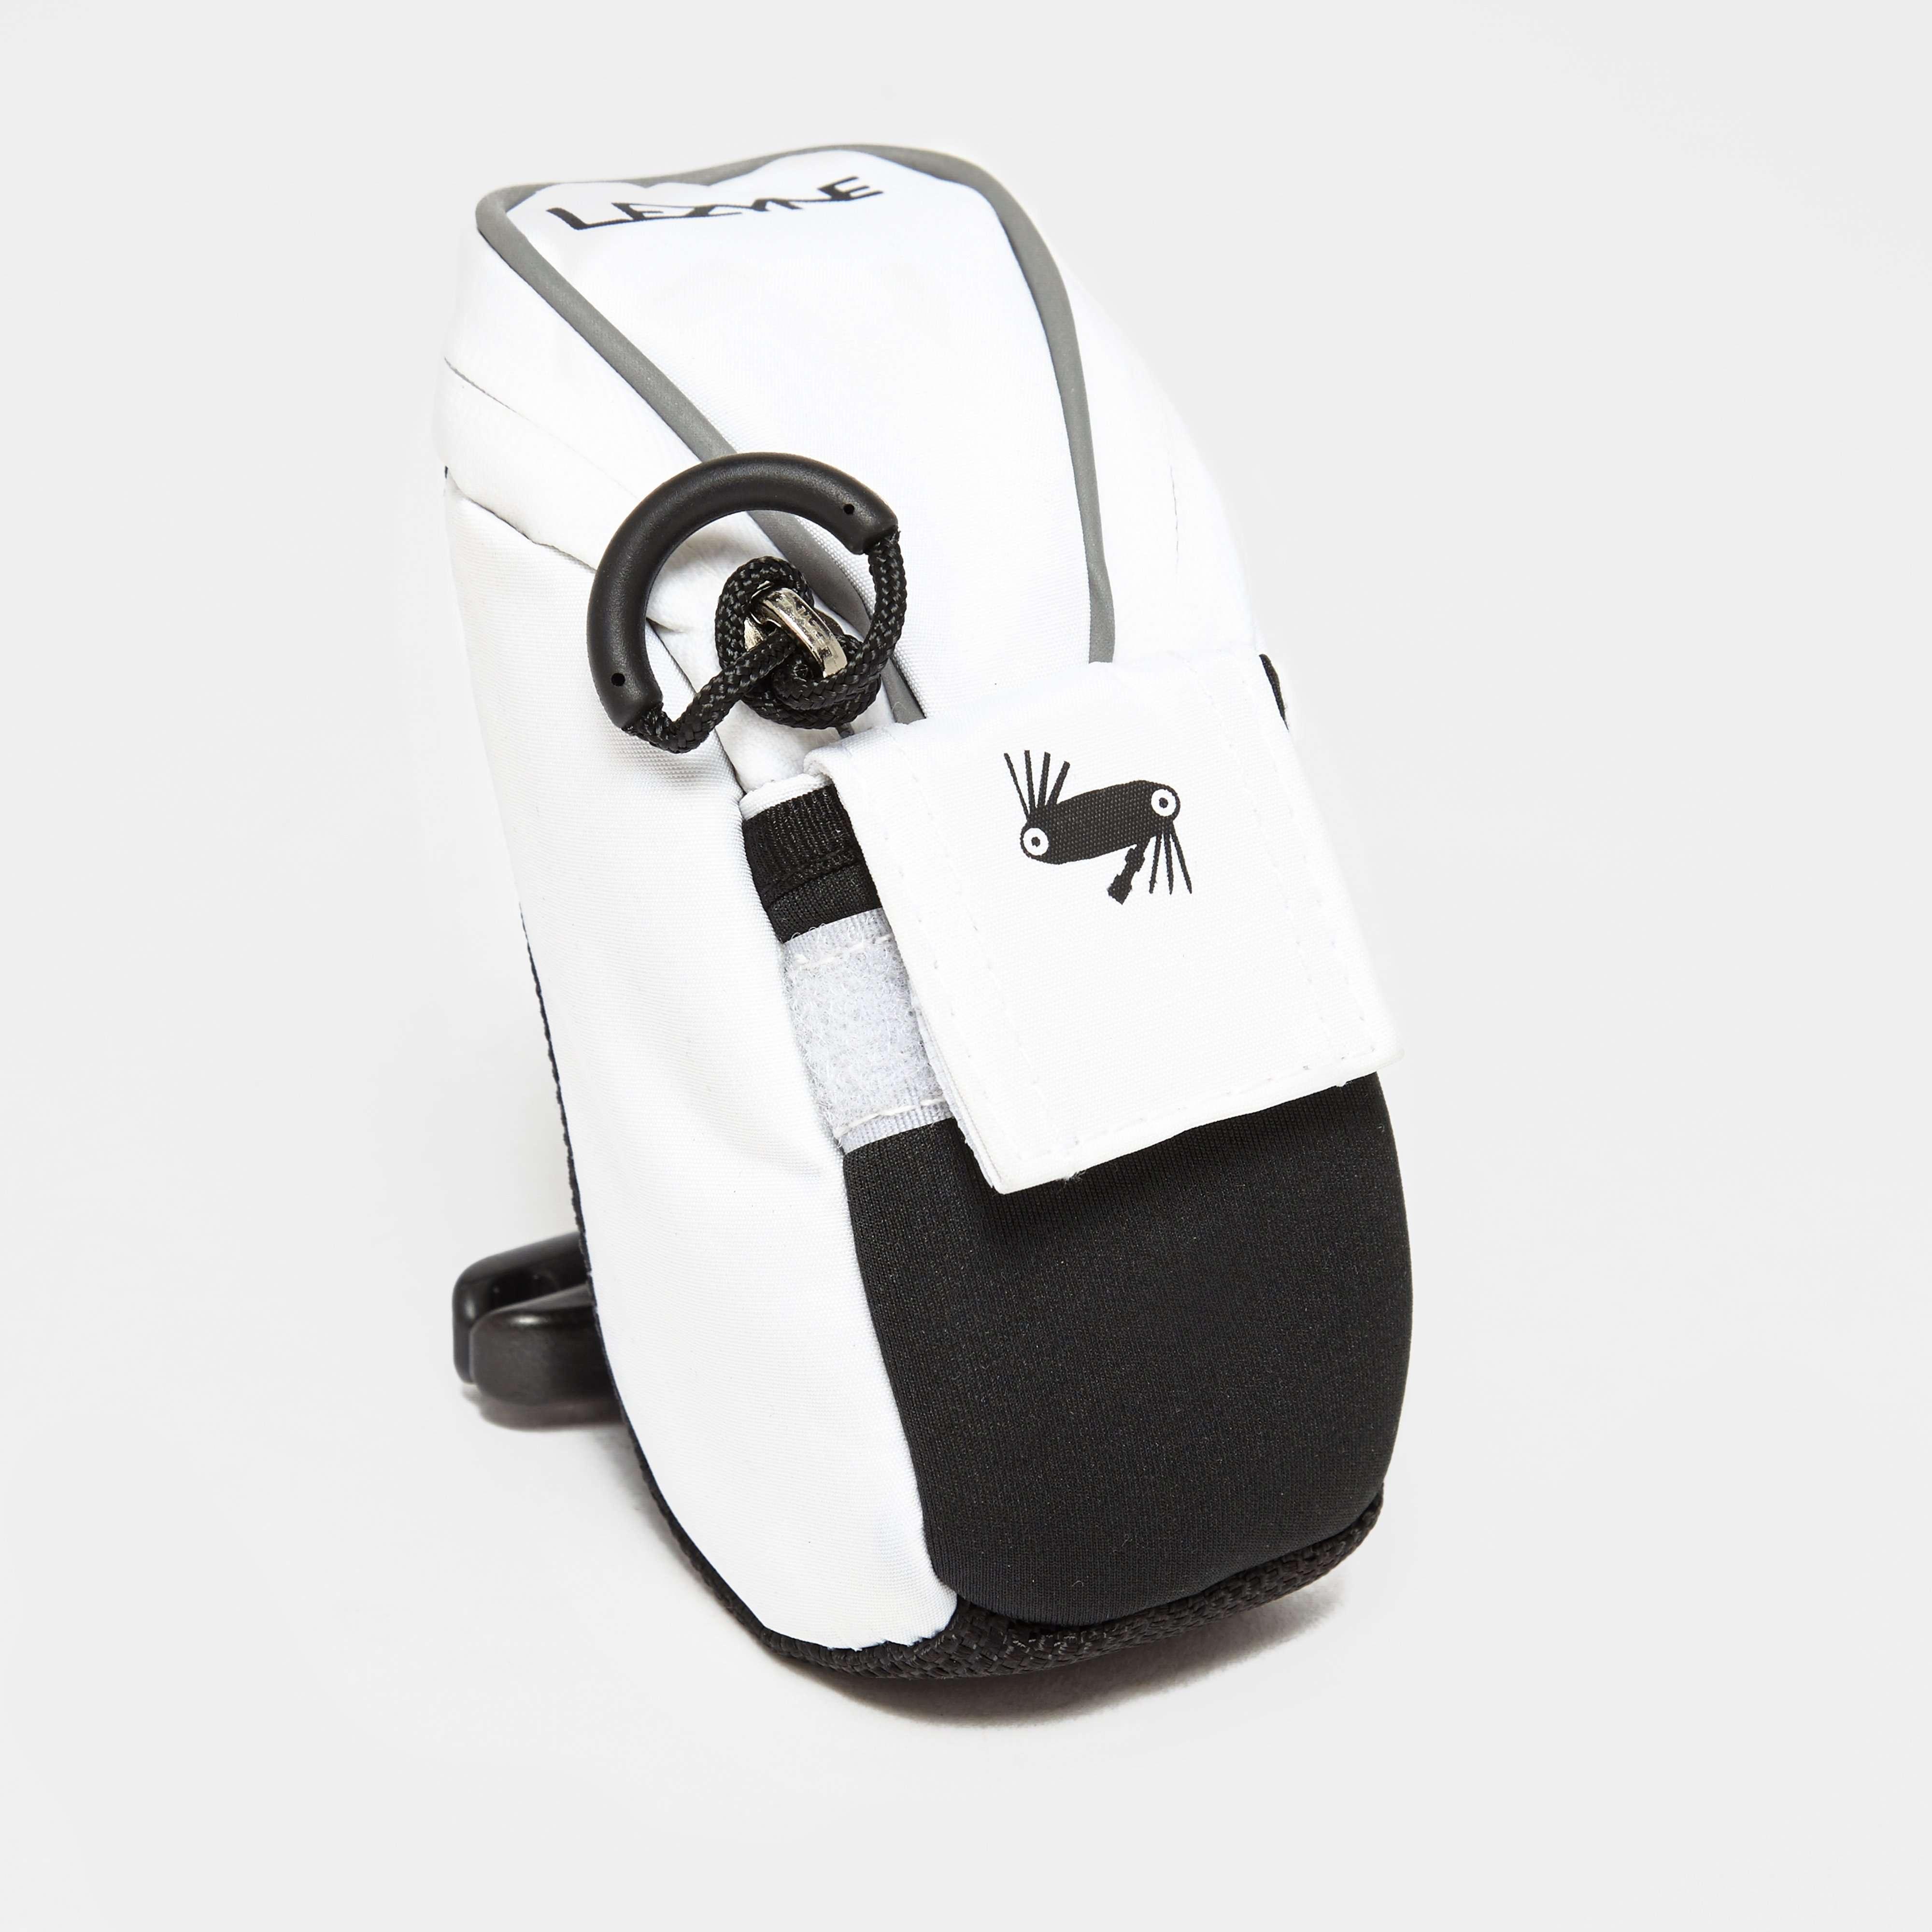 LEZYNE Micro Caddy QR Saddle Bag - Small